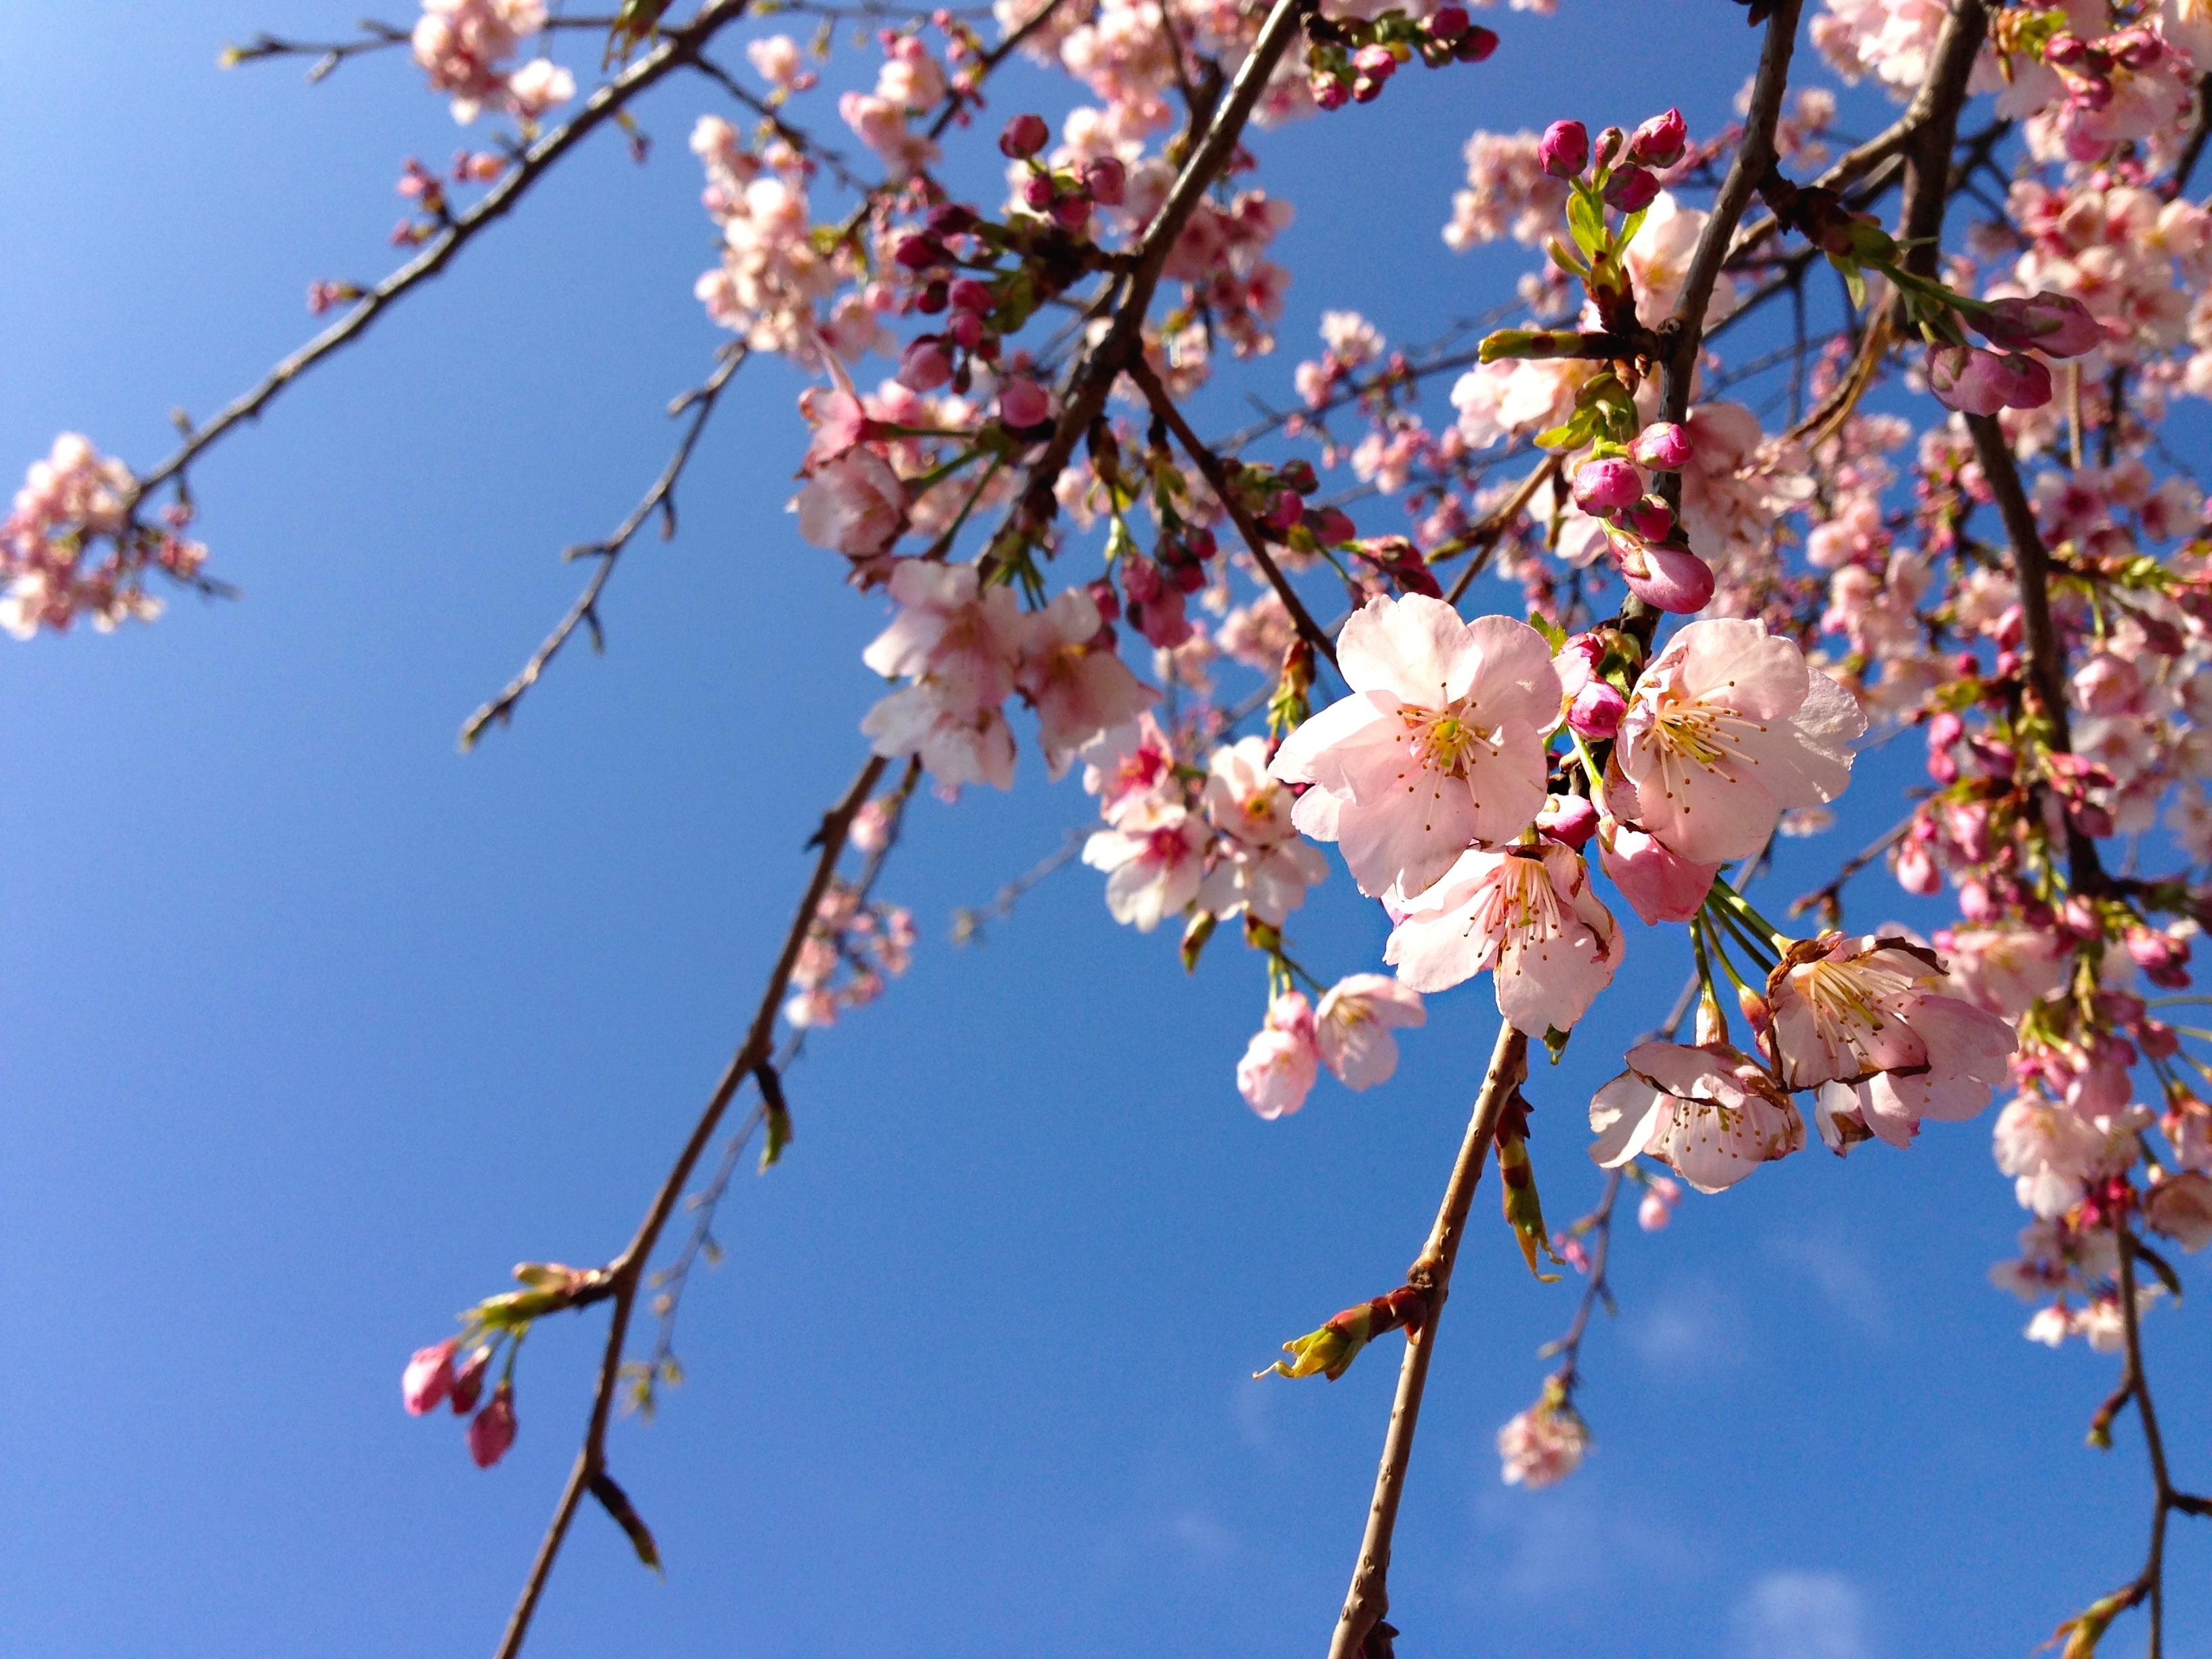 ヒヨドリがひっきりなしに花の蜜を吸いにきていました。